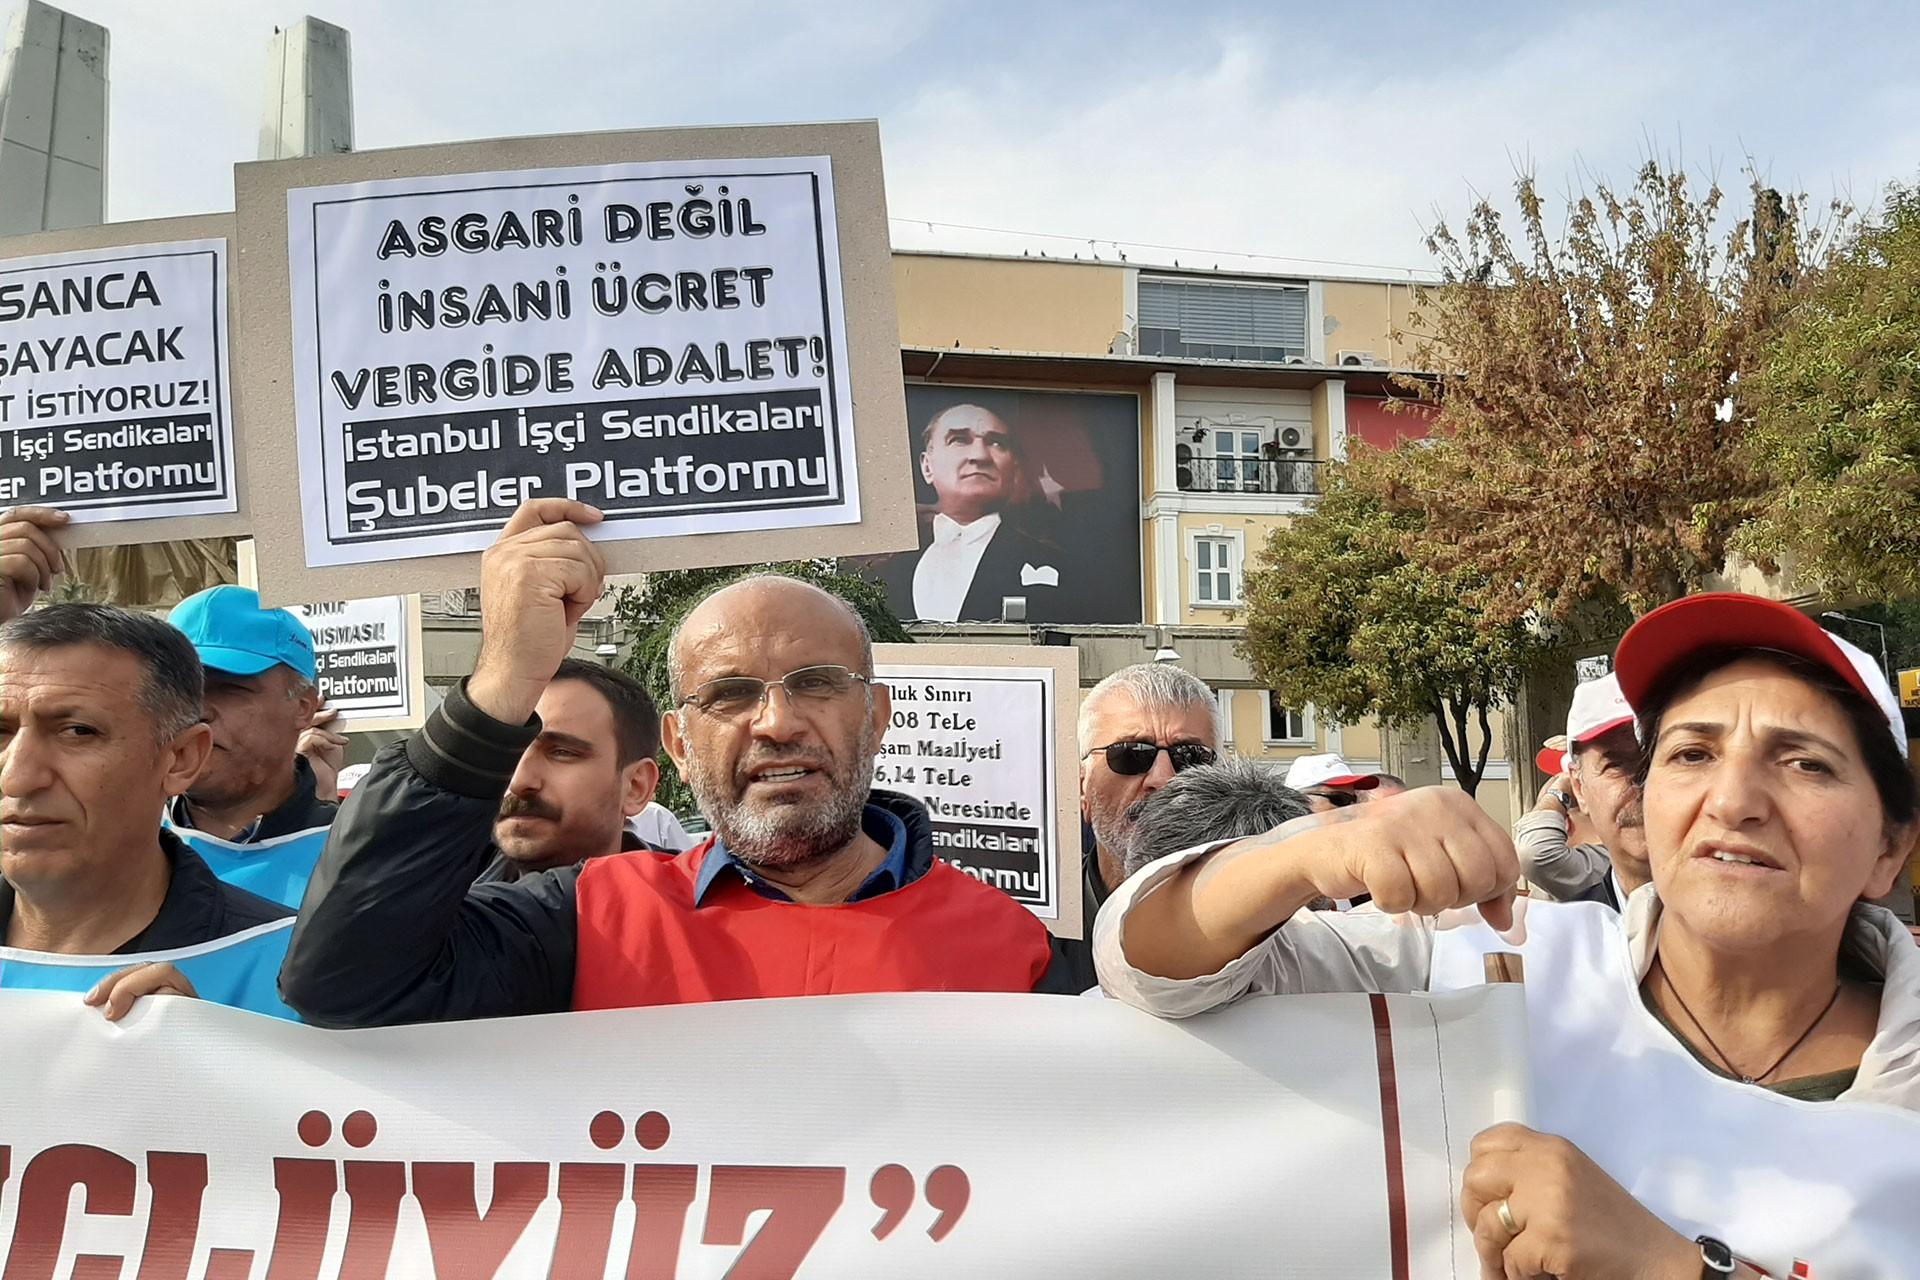 İstanbul İşçi Sendikaları platformundan işçiler pankart ve dövizler taşıyor.